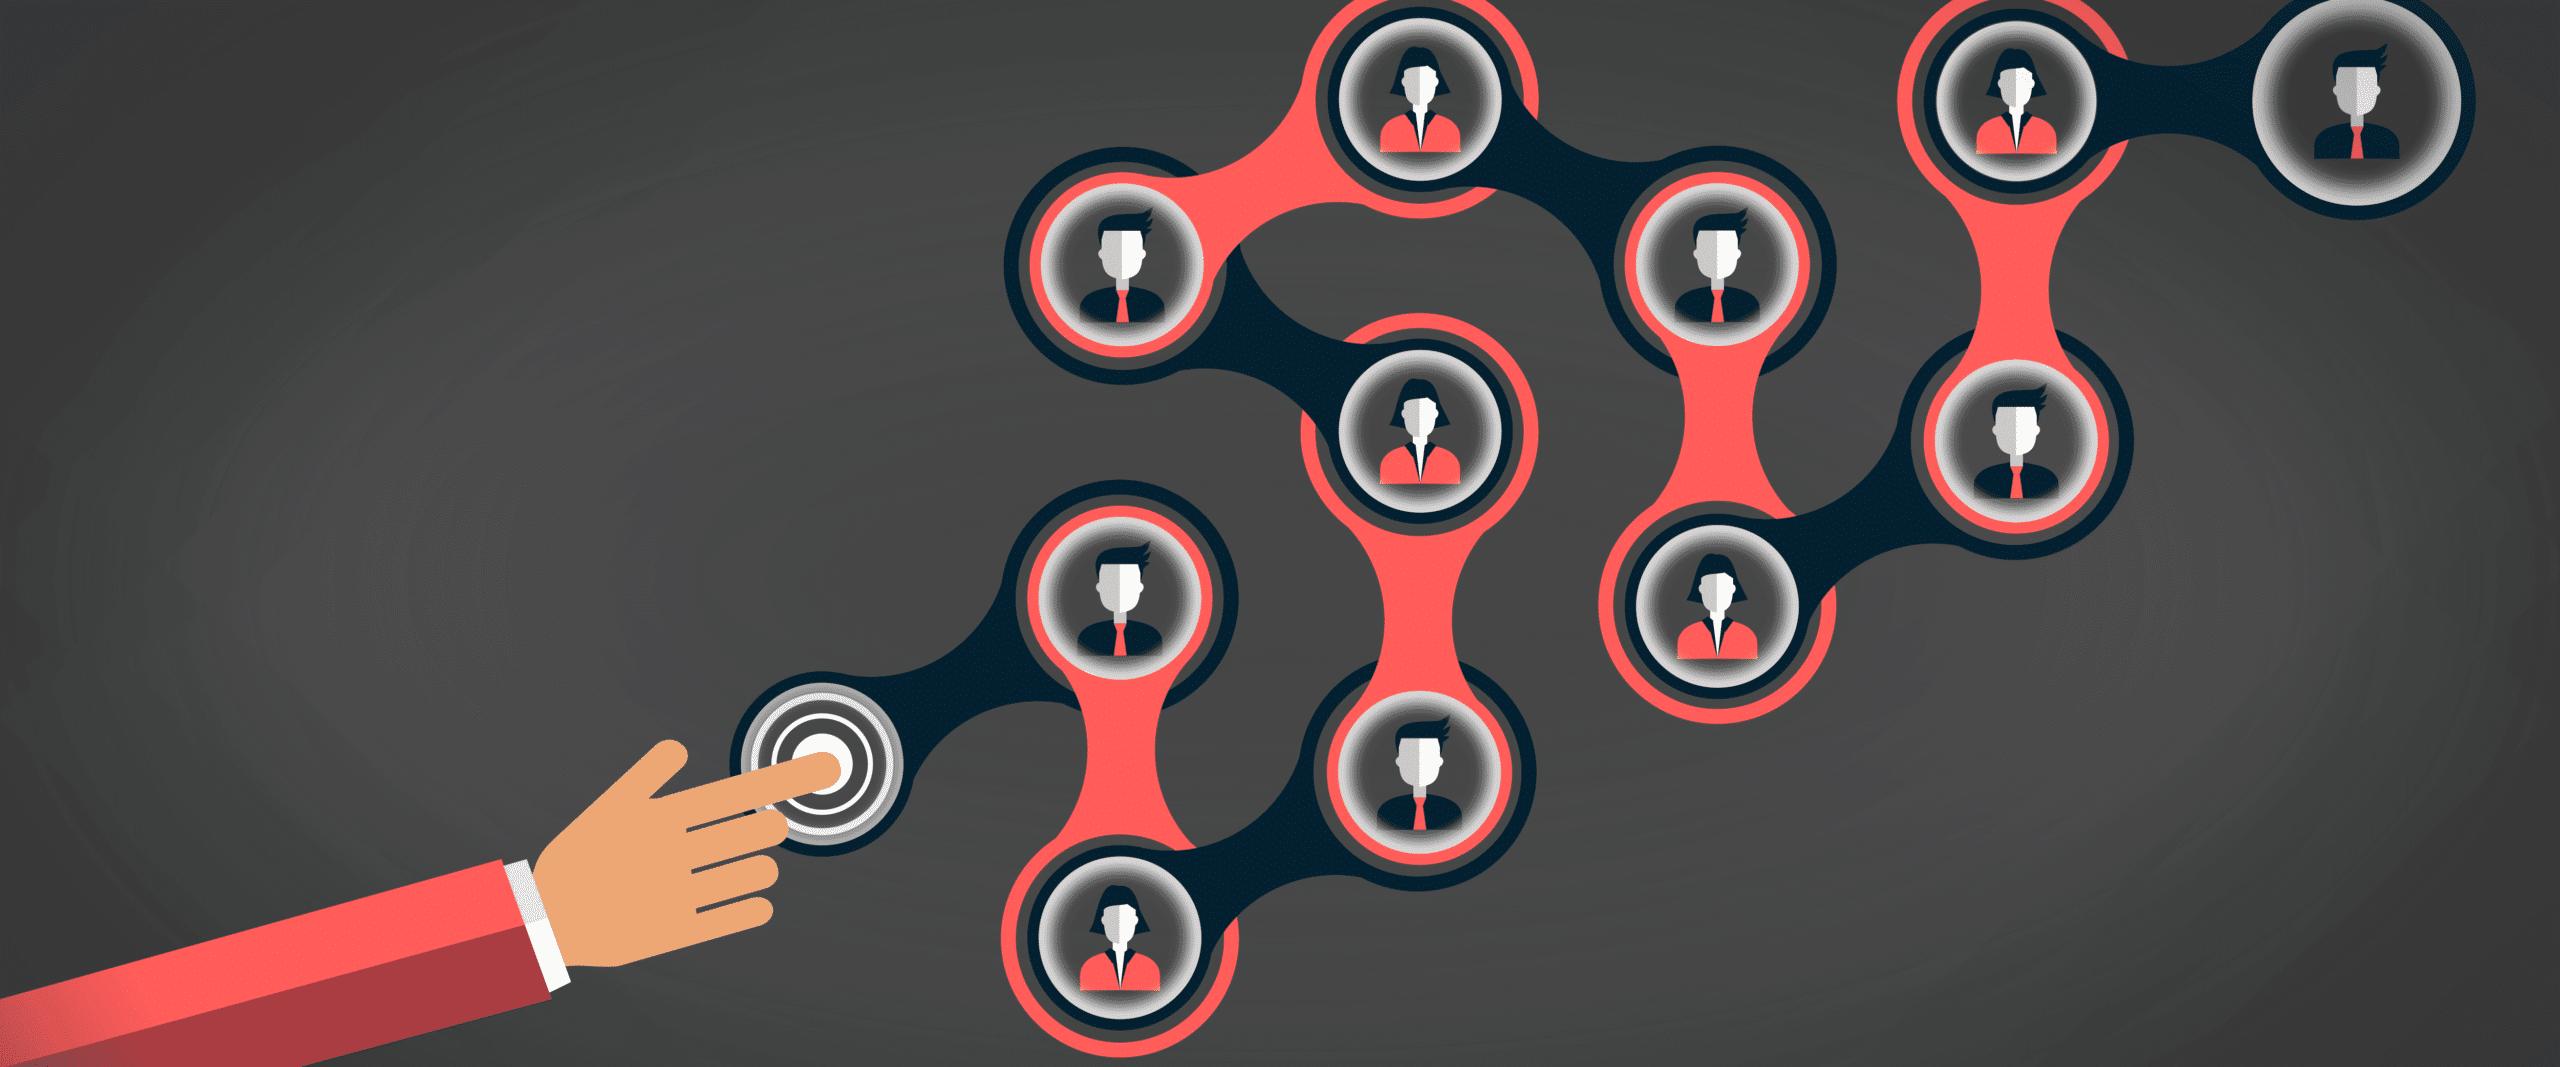 STUDIE: Communicatieblokkades waar leiders, managers en medewerkers in vastlopen.